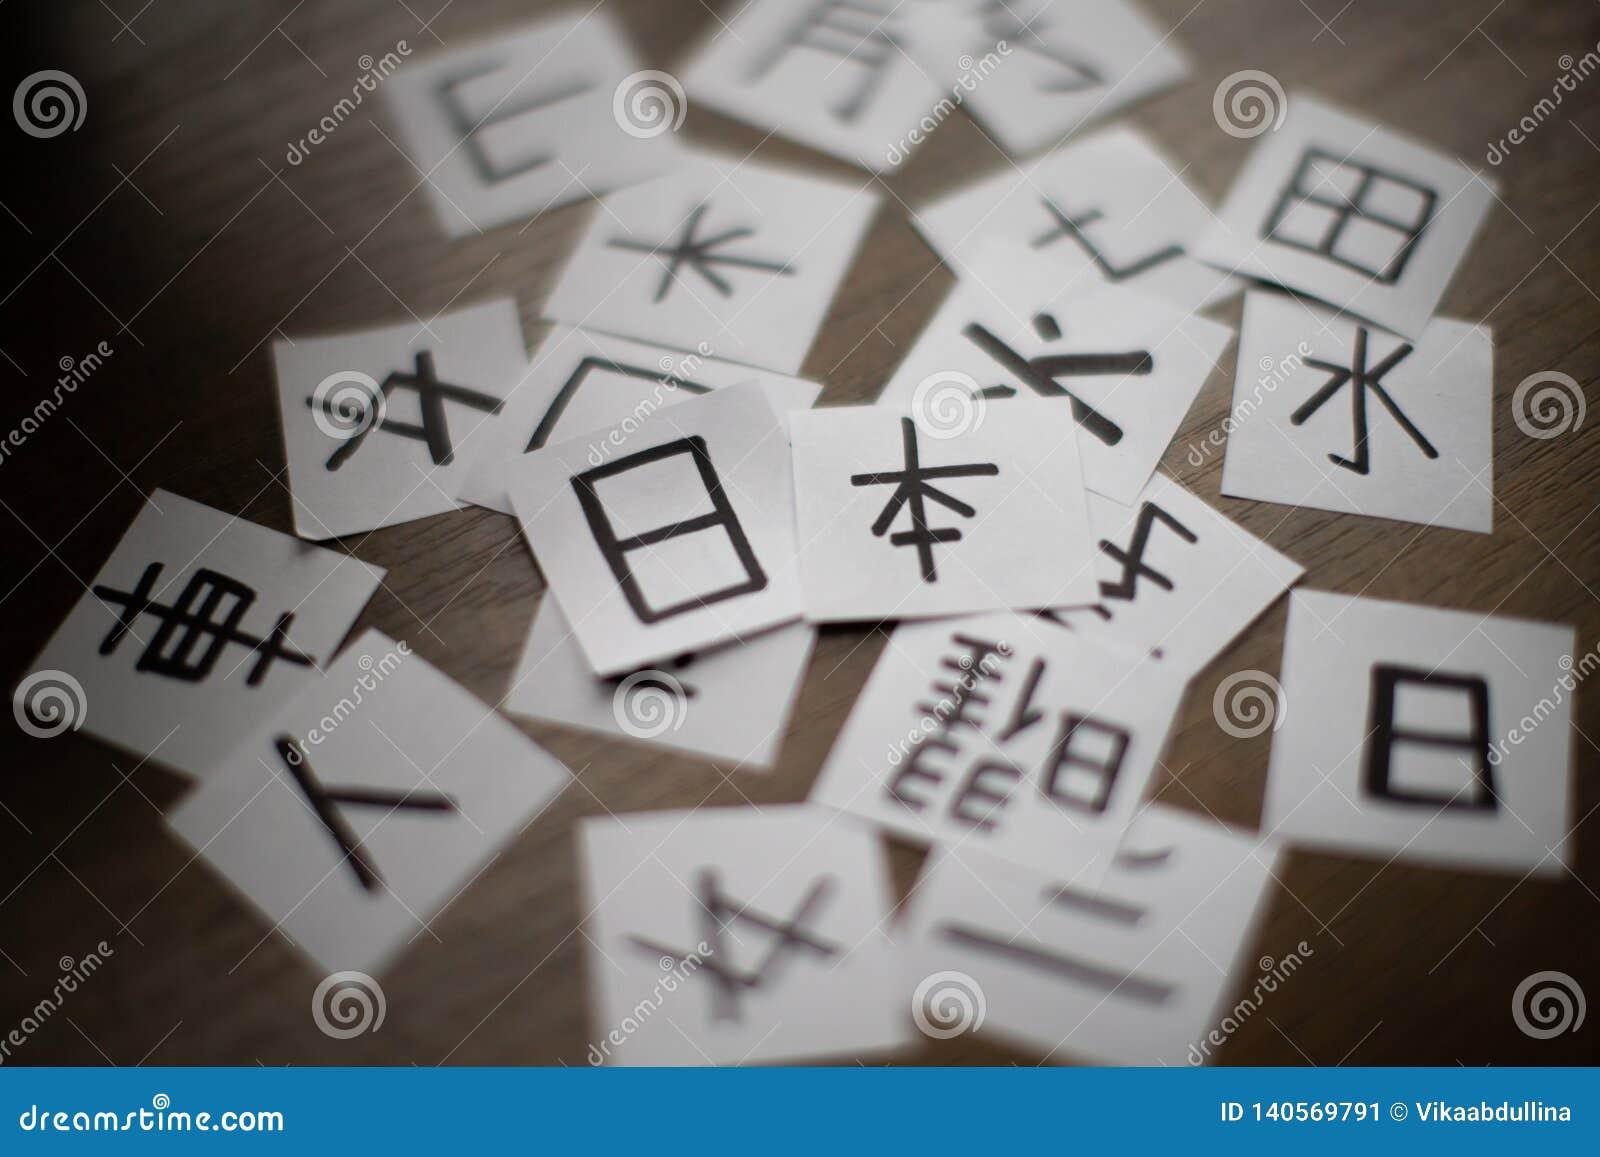 Feuilles avec beaucoup de kanji de caractères de langue chinoise et japonaise avec le mot principal Japon